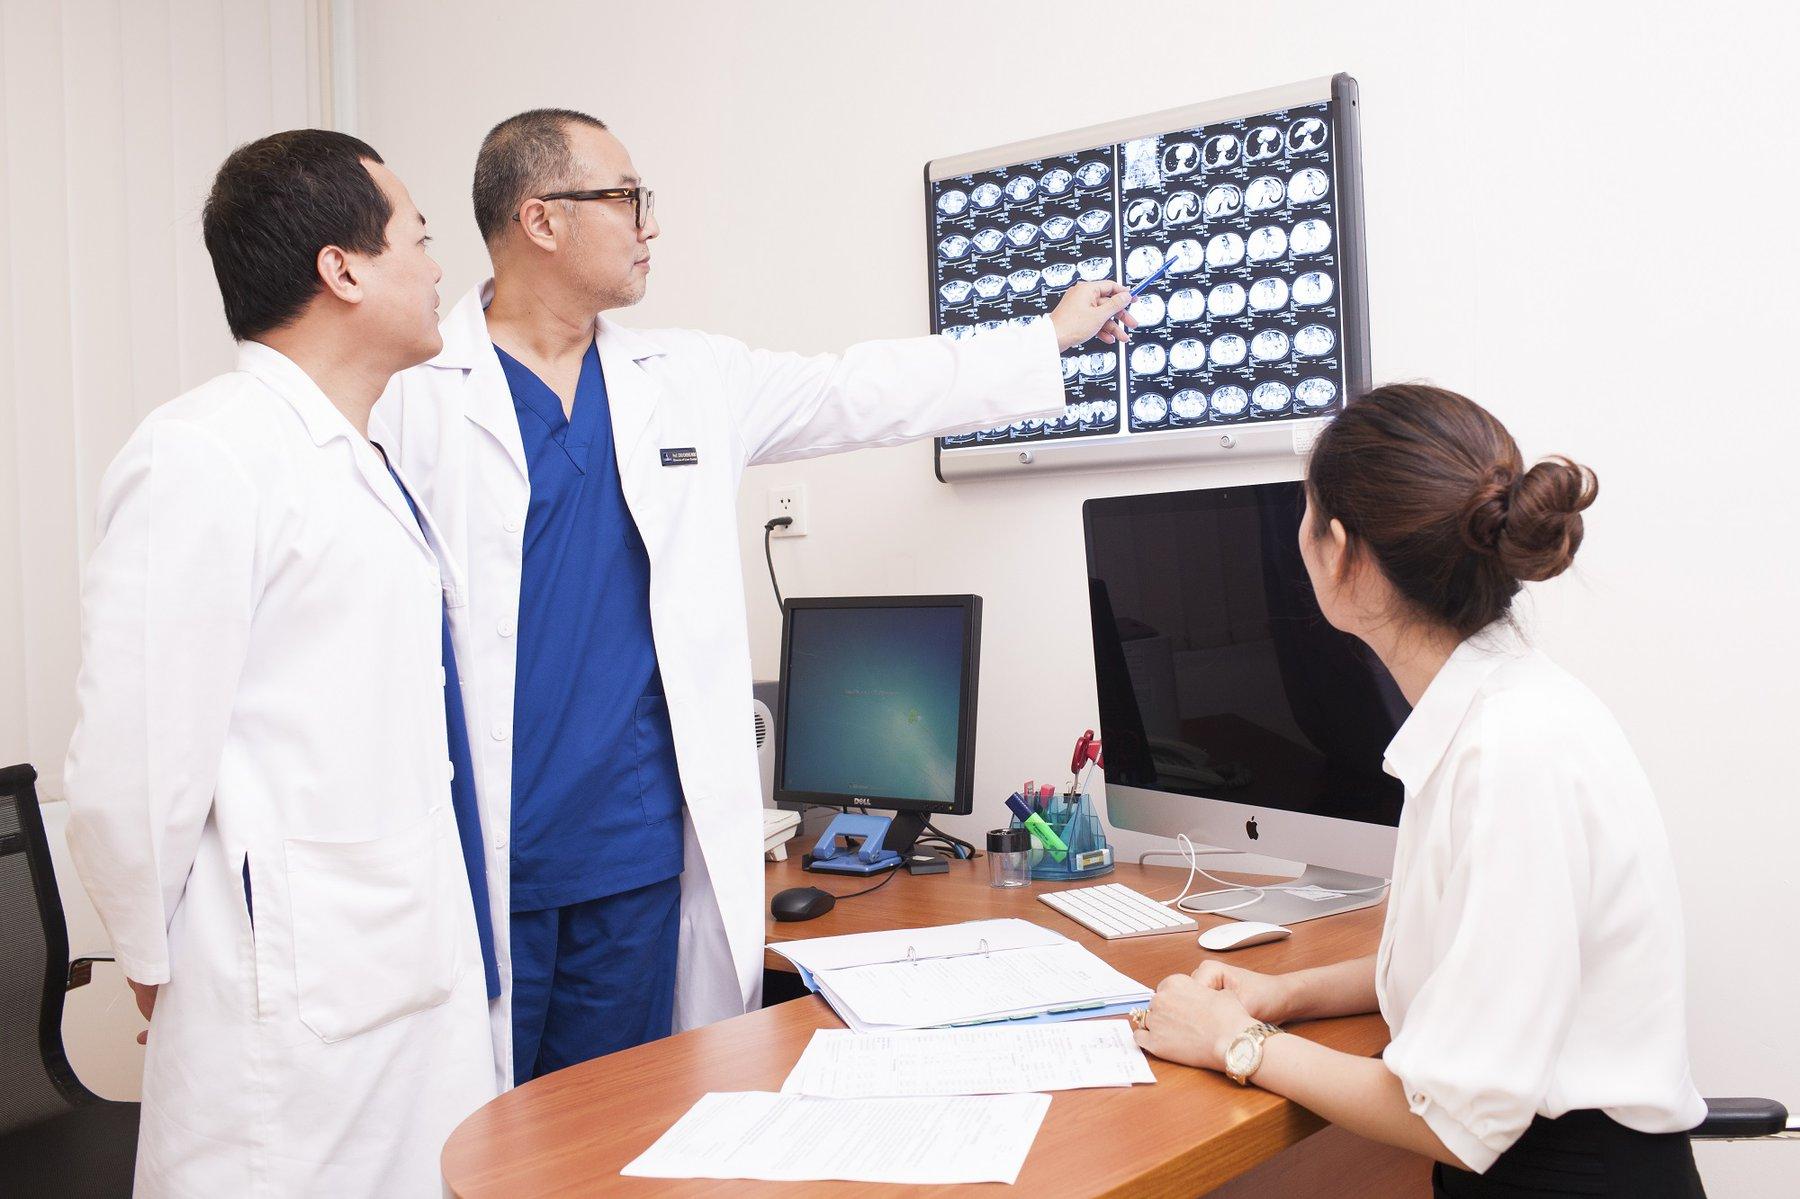 Khám bệnh lý gan mật tại Xét Nghiệm Bình Dương cùng với các chuyên gia đầu ngành